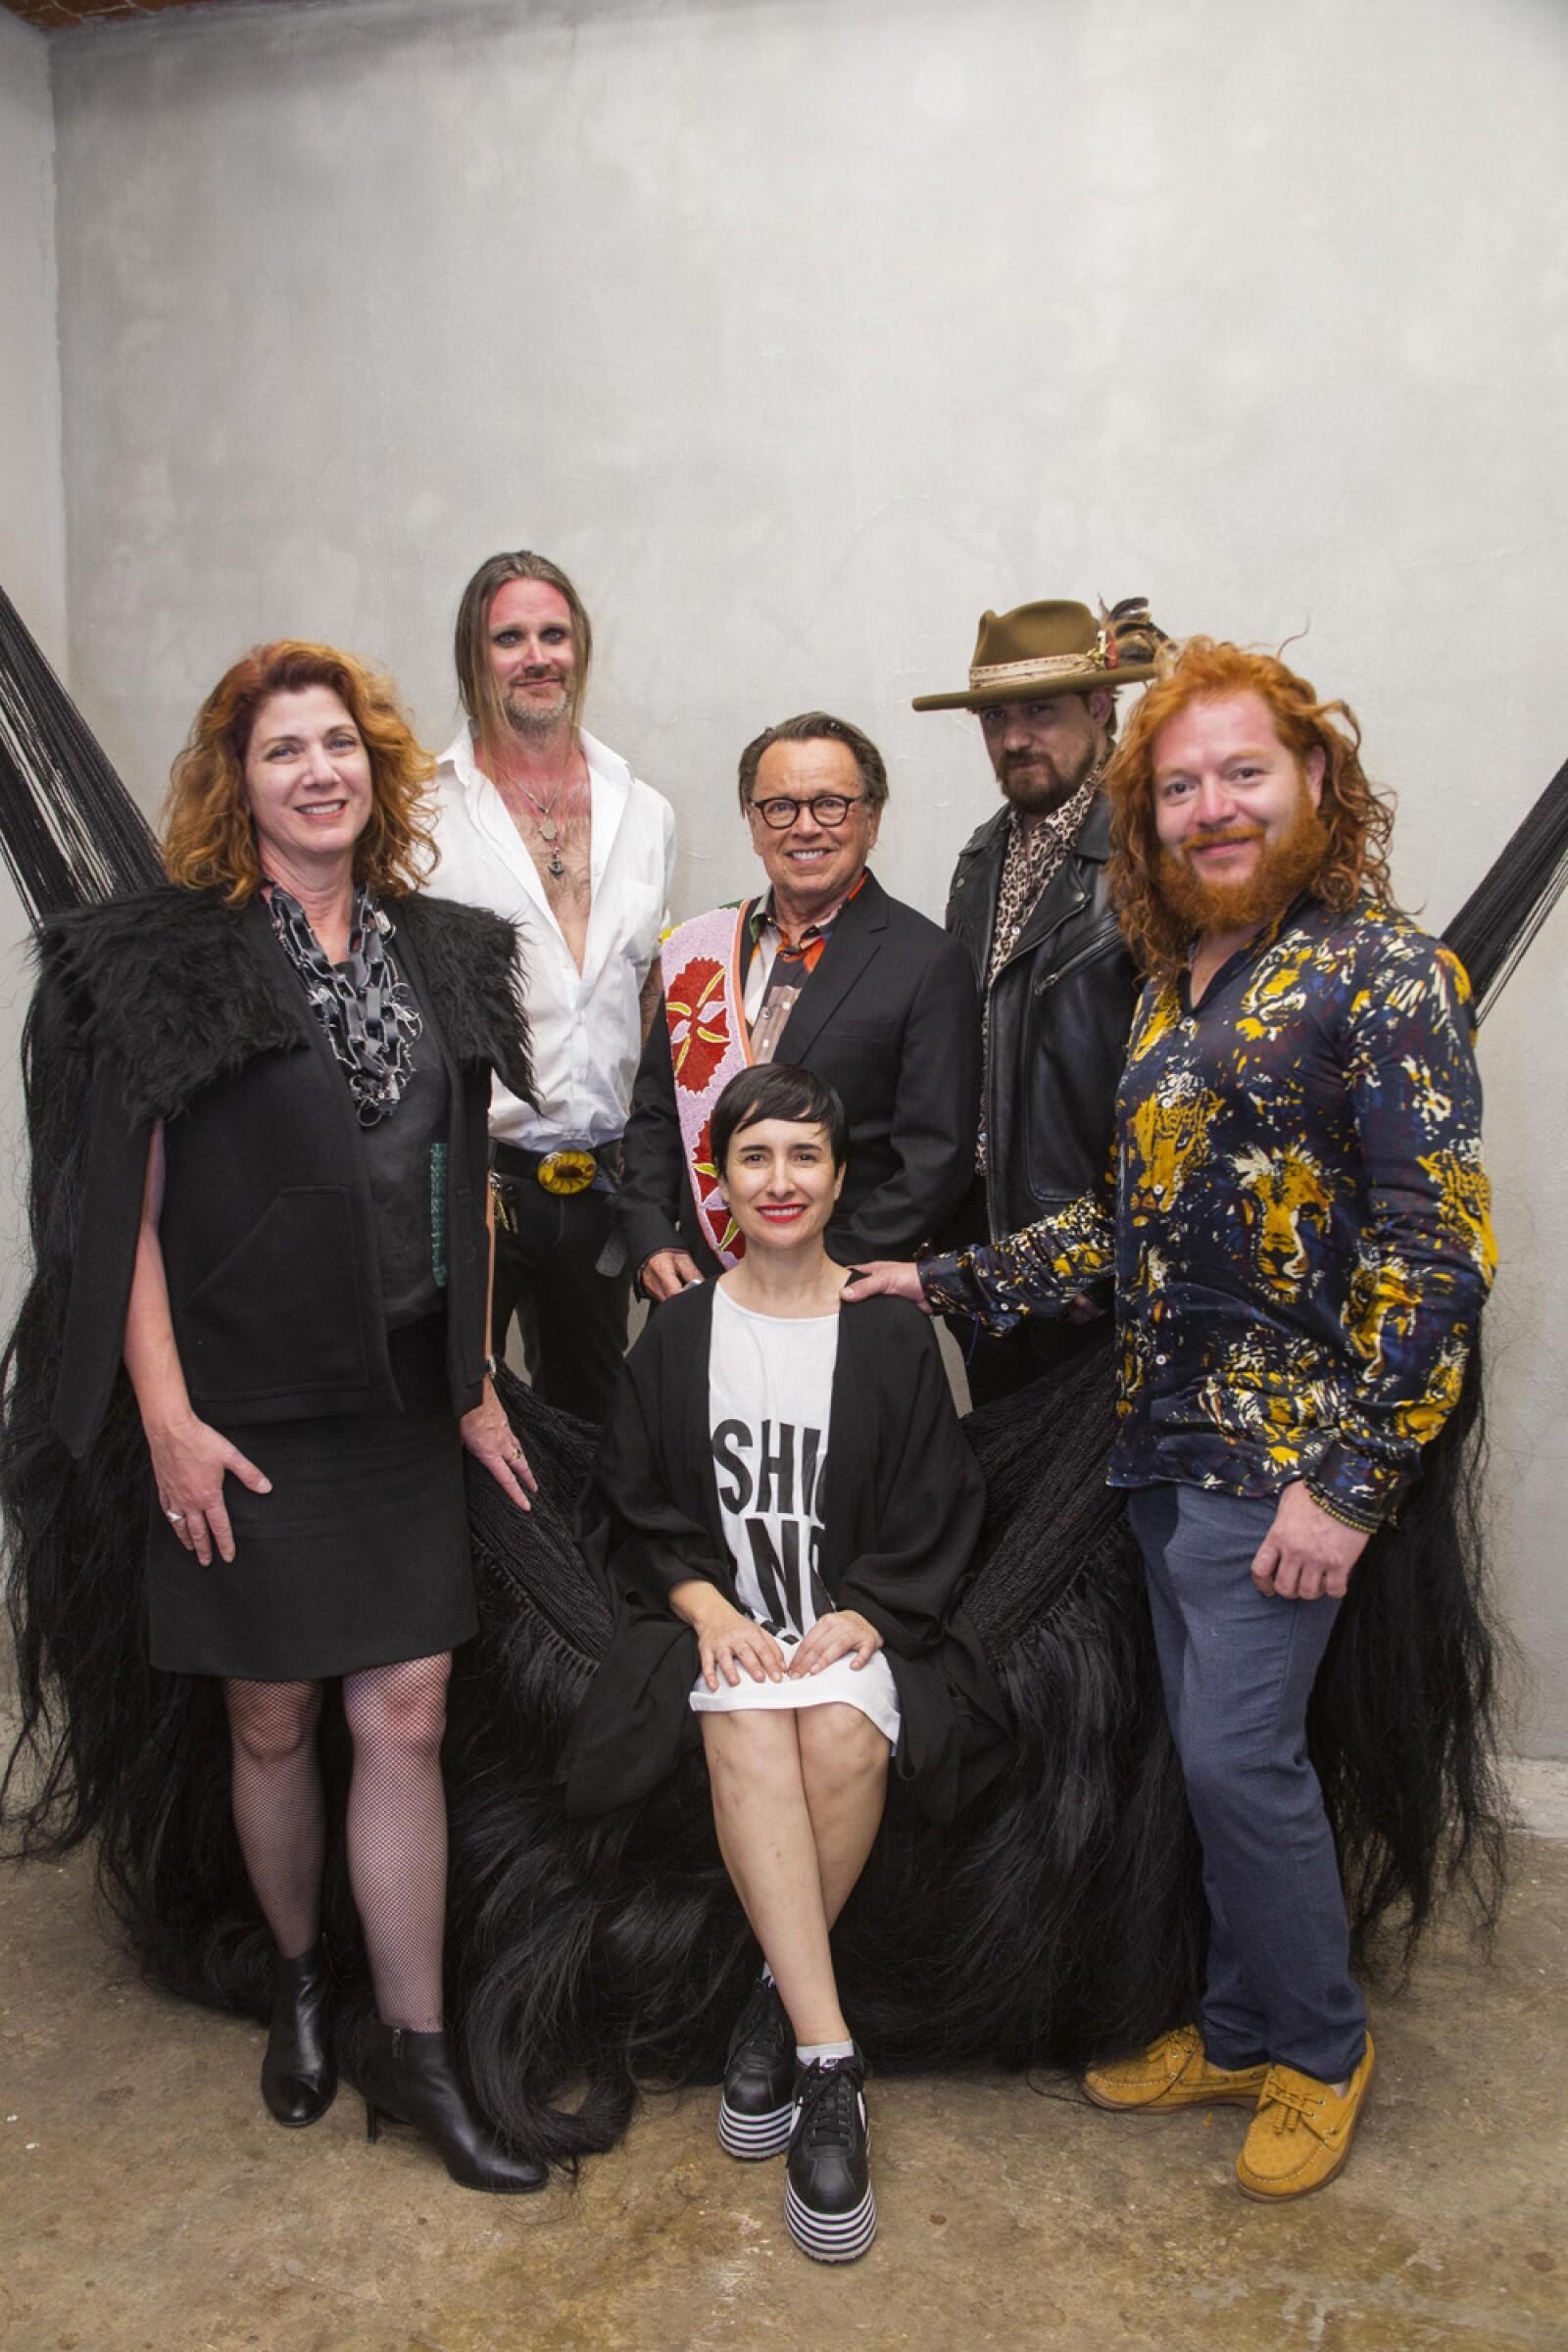 Gail Phinney, Karla Fernandez, PAULOV, AARON Sheppard, JOE baker, MIGUEL López